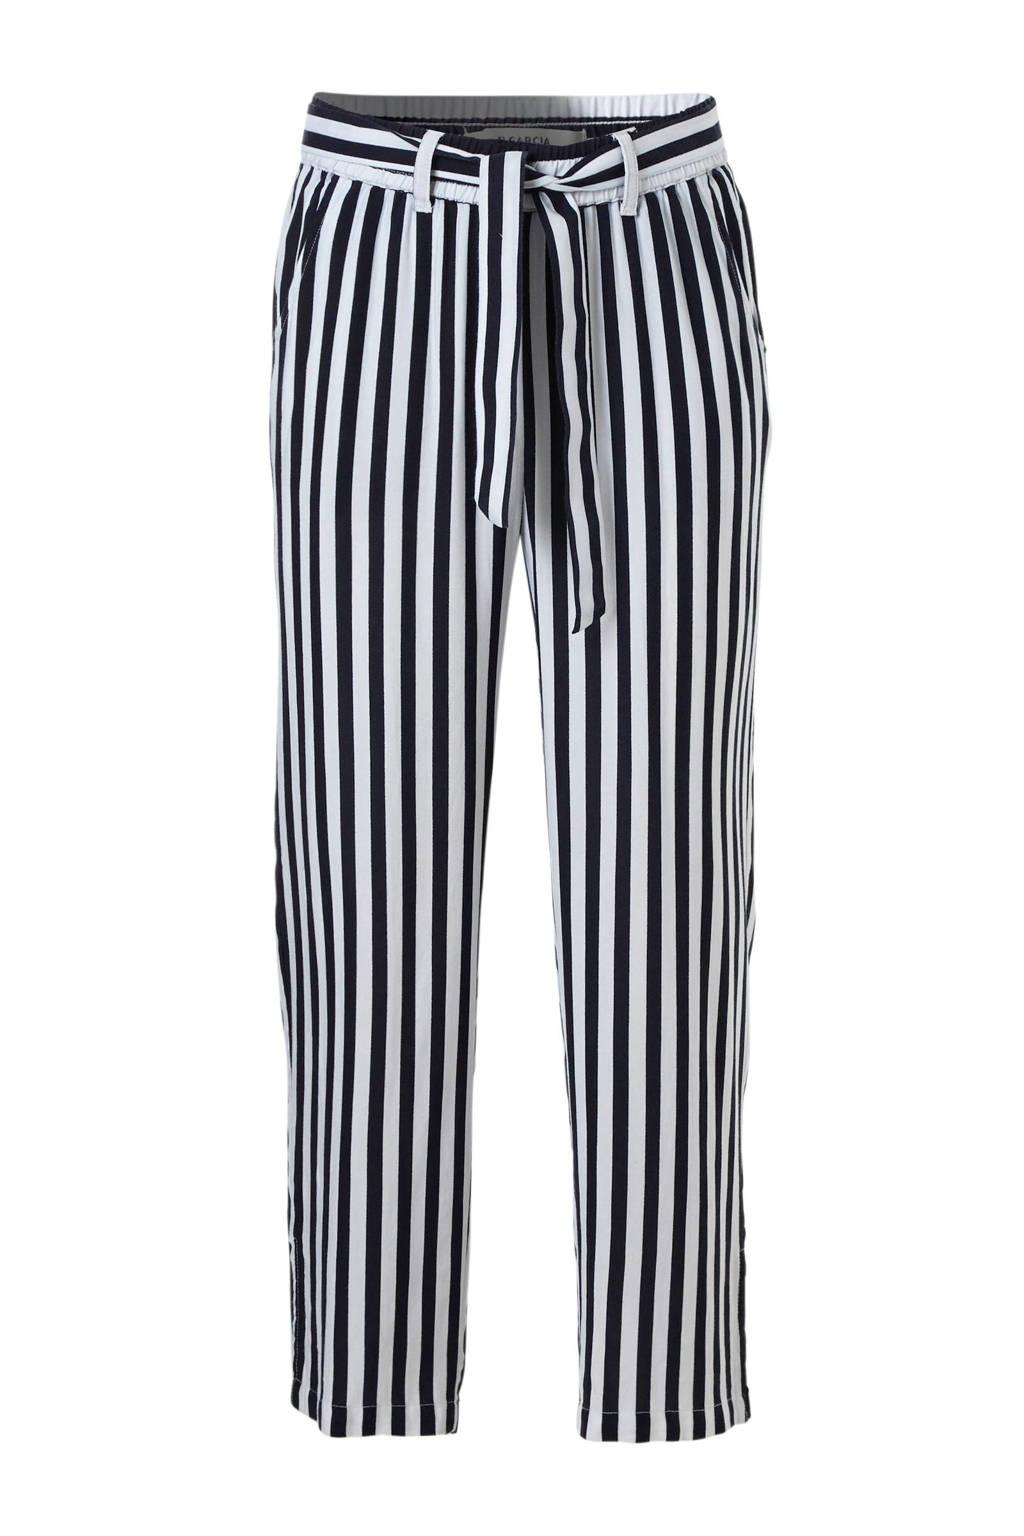 fe16fc71042 Garcia gestreepte broek zwart, Zwart/wit